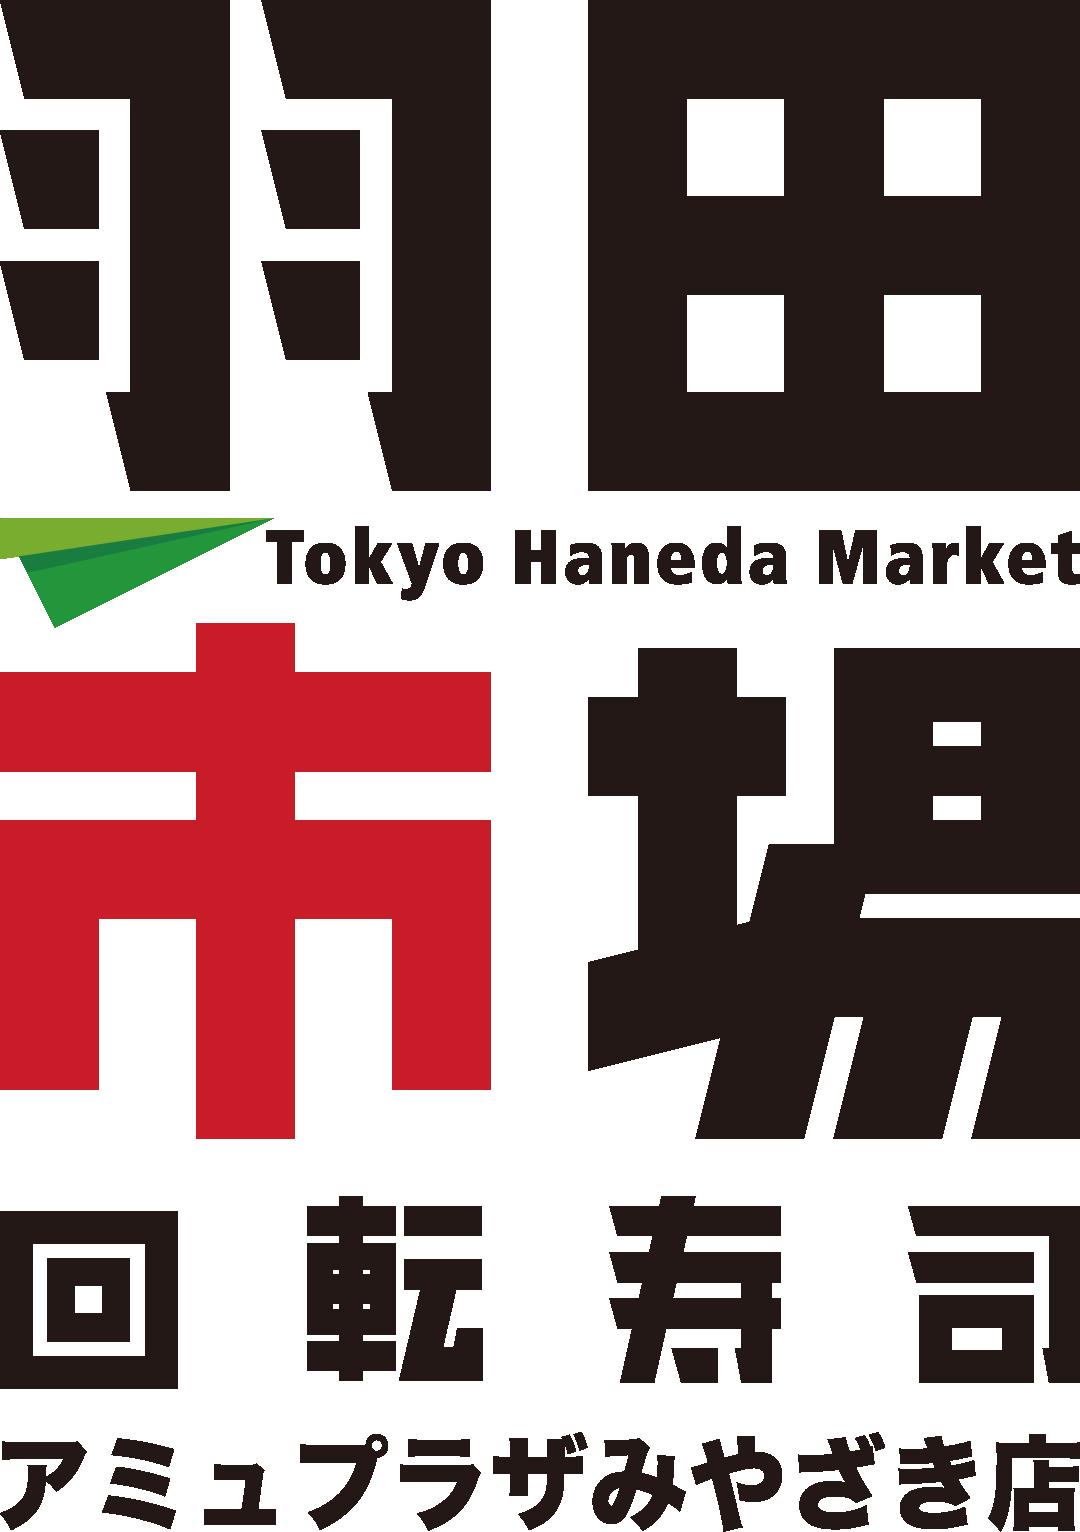 回転寿司 羽田市場のサムネイル画像